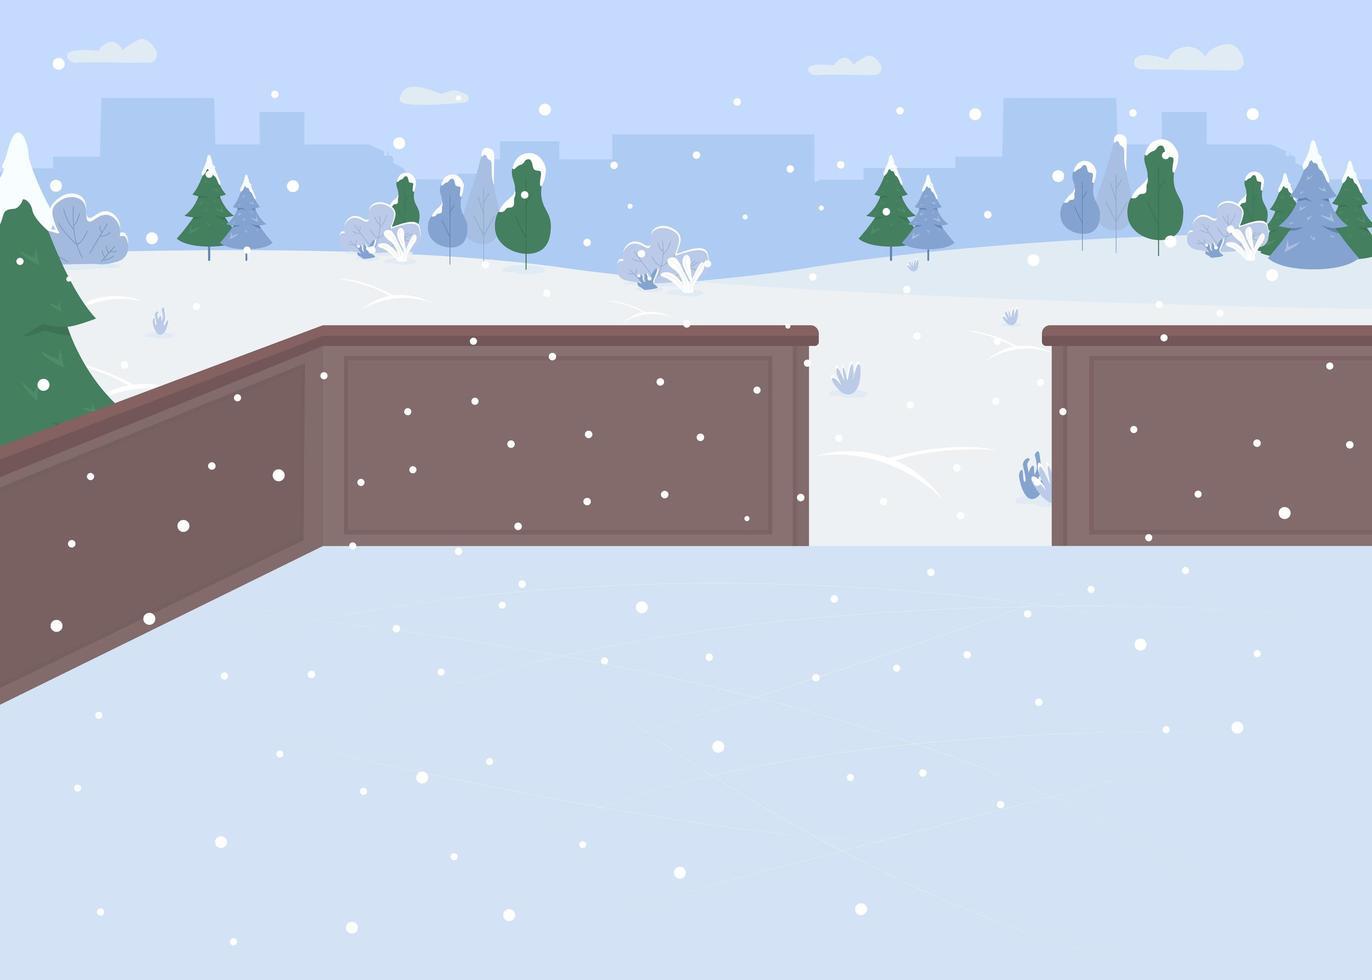 Ice skating rink vector